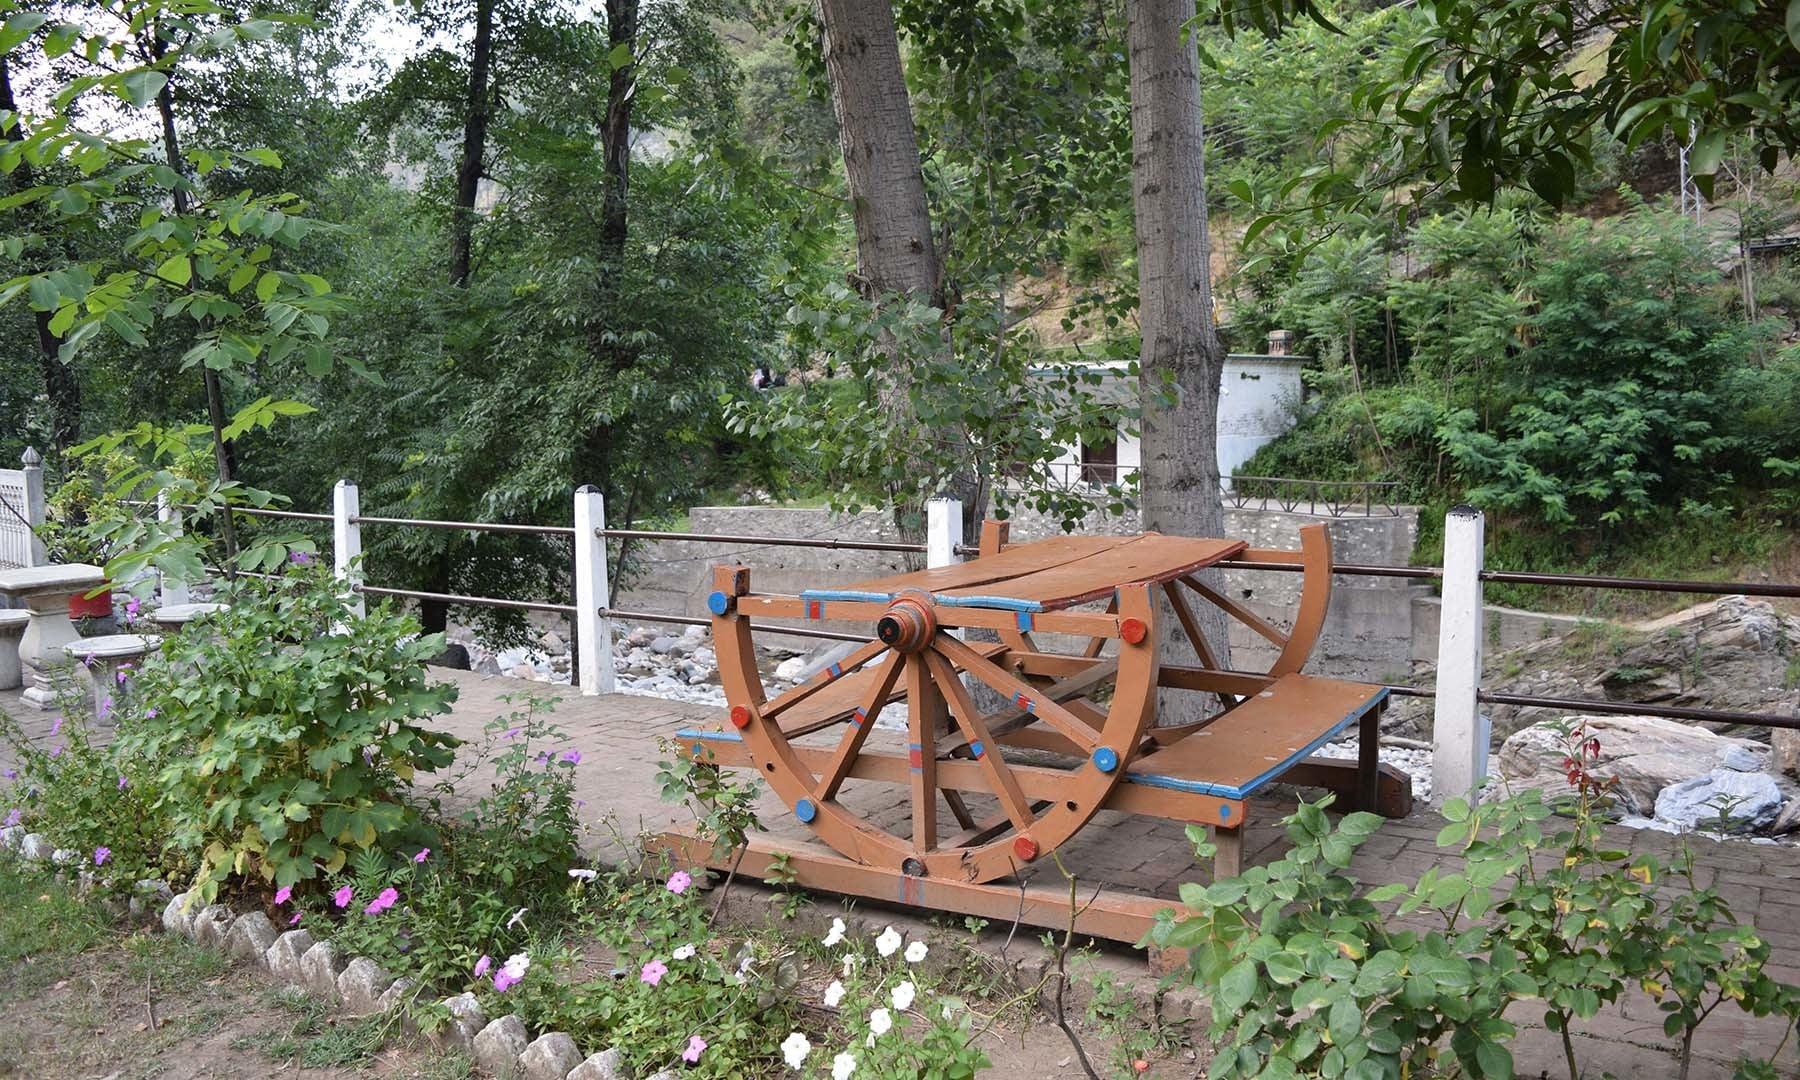 سفید محل کے صحن میں تانگے کے پہیوں سے بنی میز اور کرسیوں کا ایک فن پارہ۔